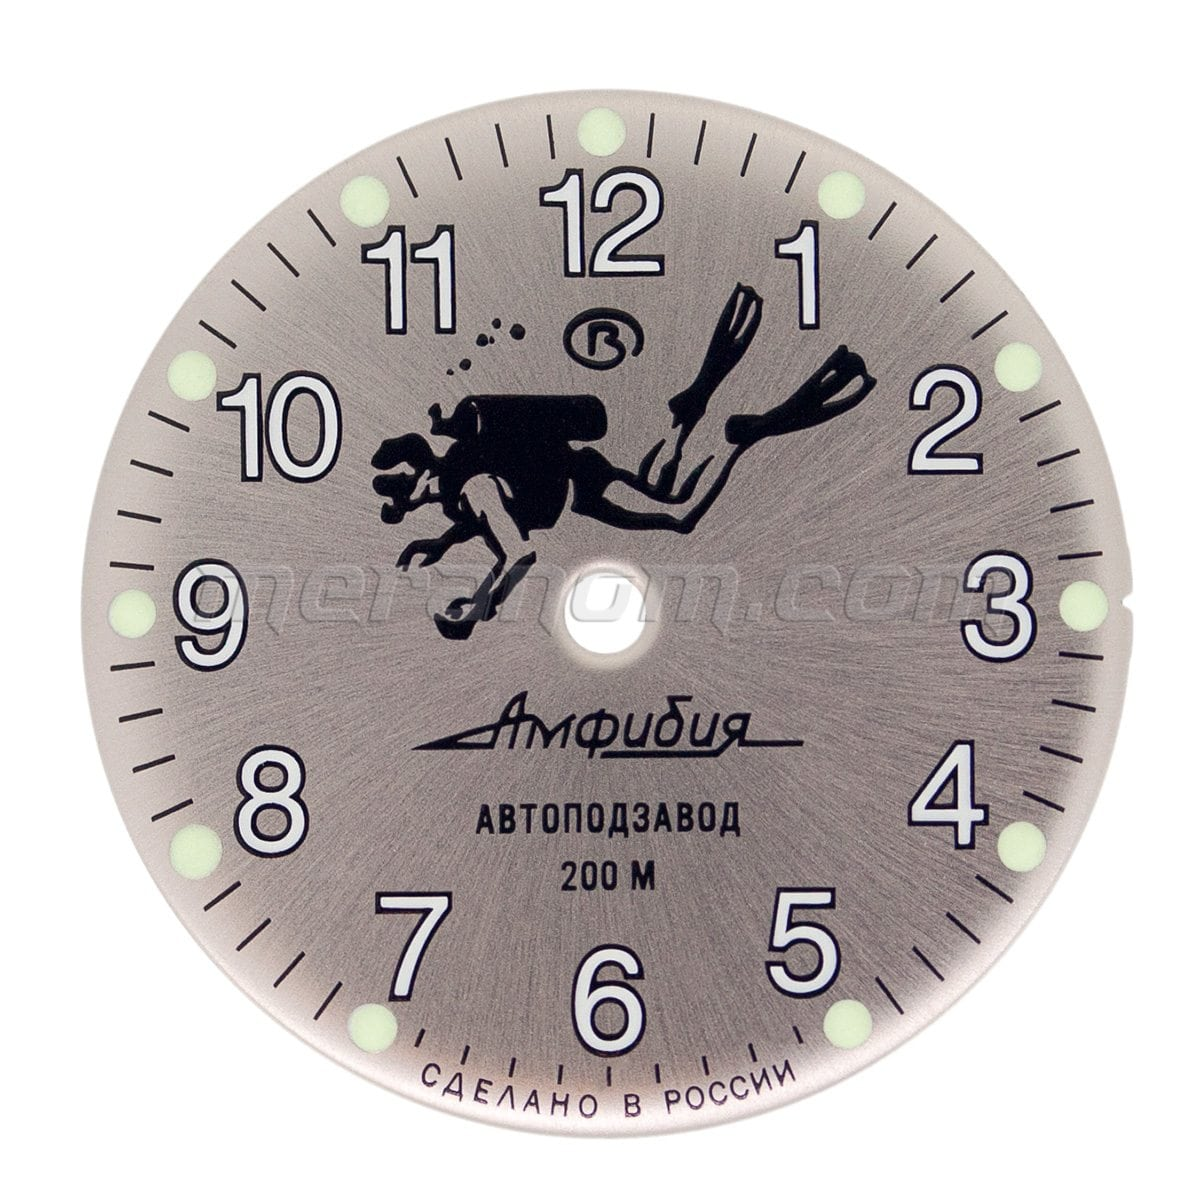 Циферблат для наручных часов восток купить наручные часы force